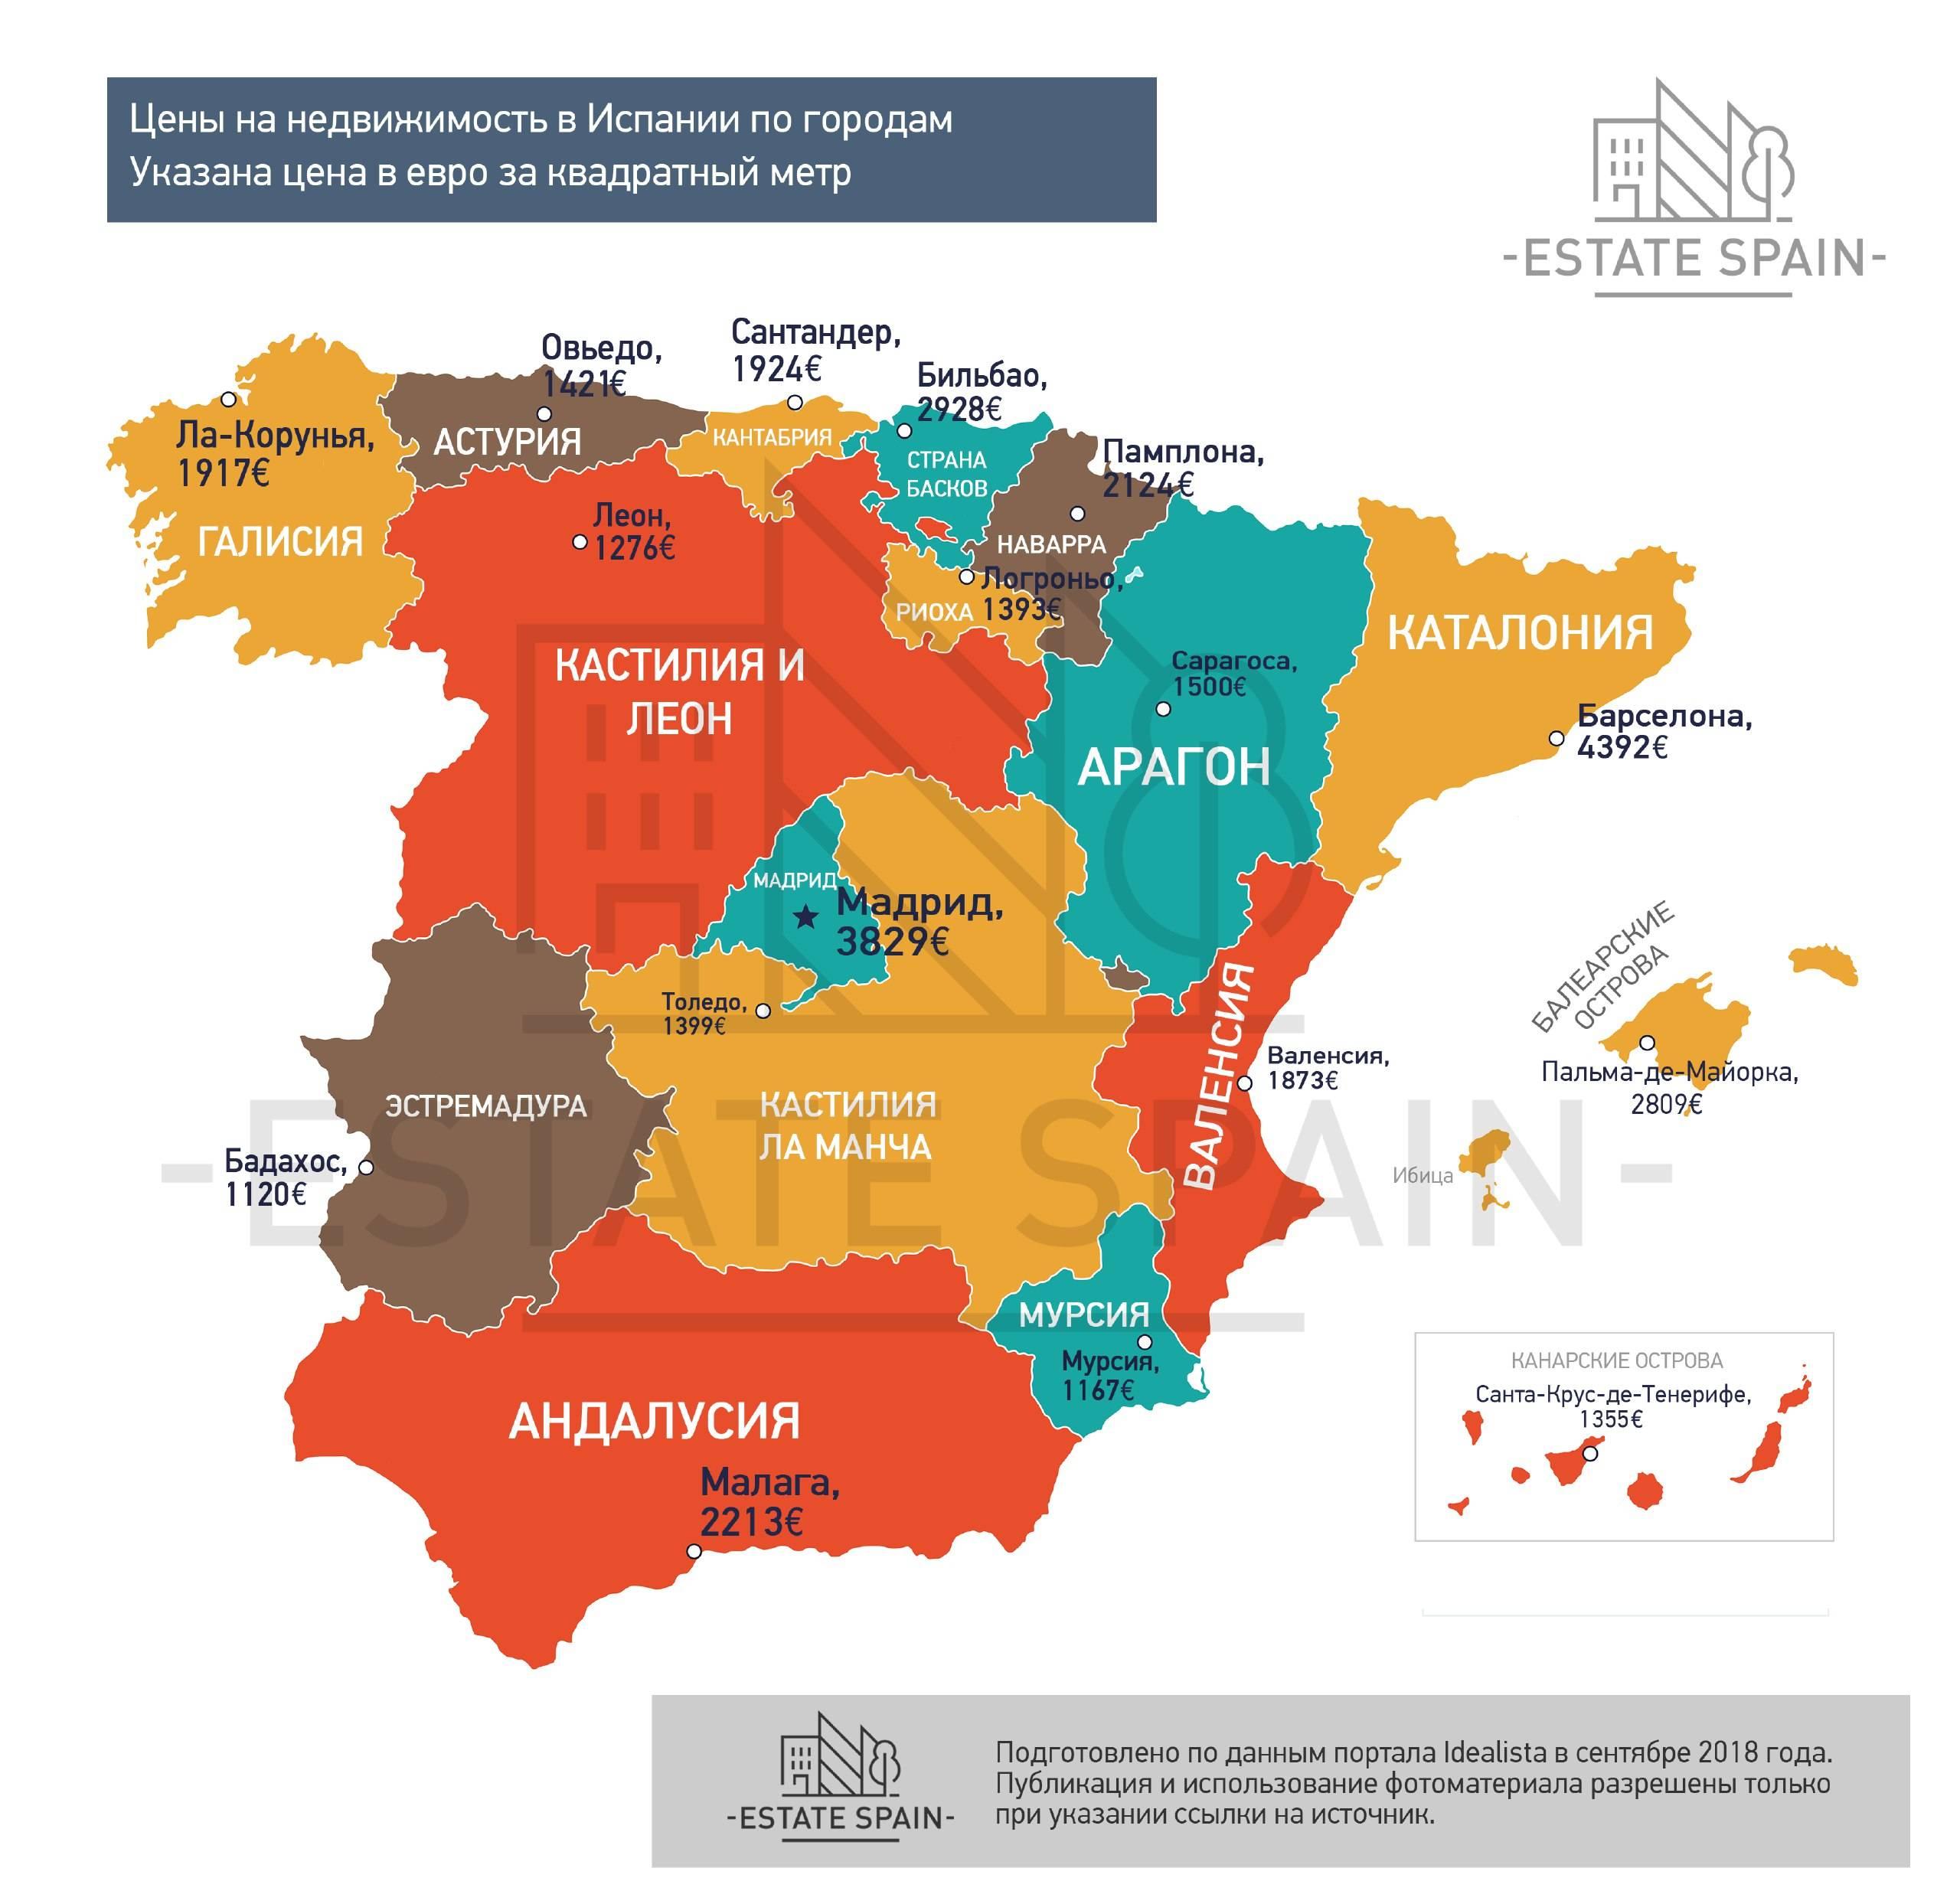 Средняя зарплата в испании по профессиям в 2020 году и самые востребованные специальности